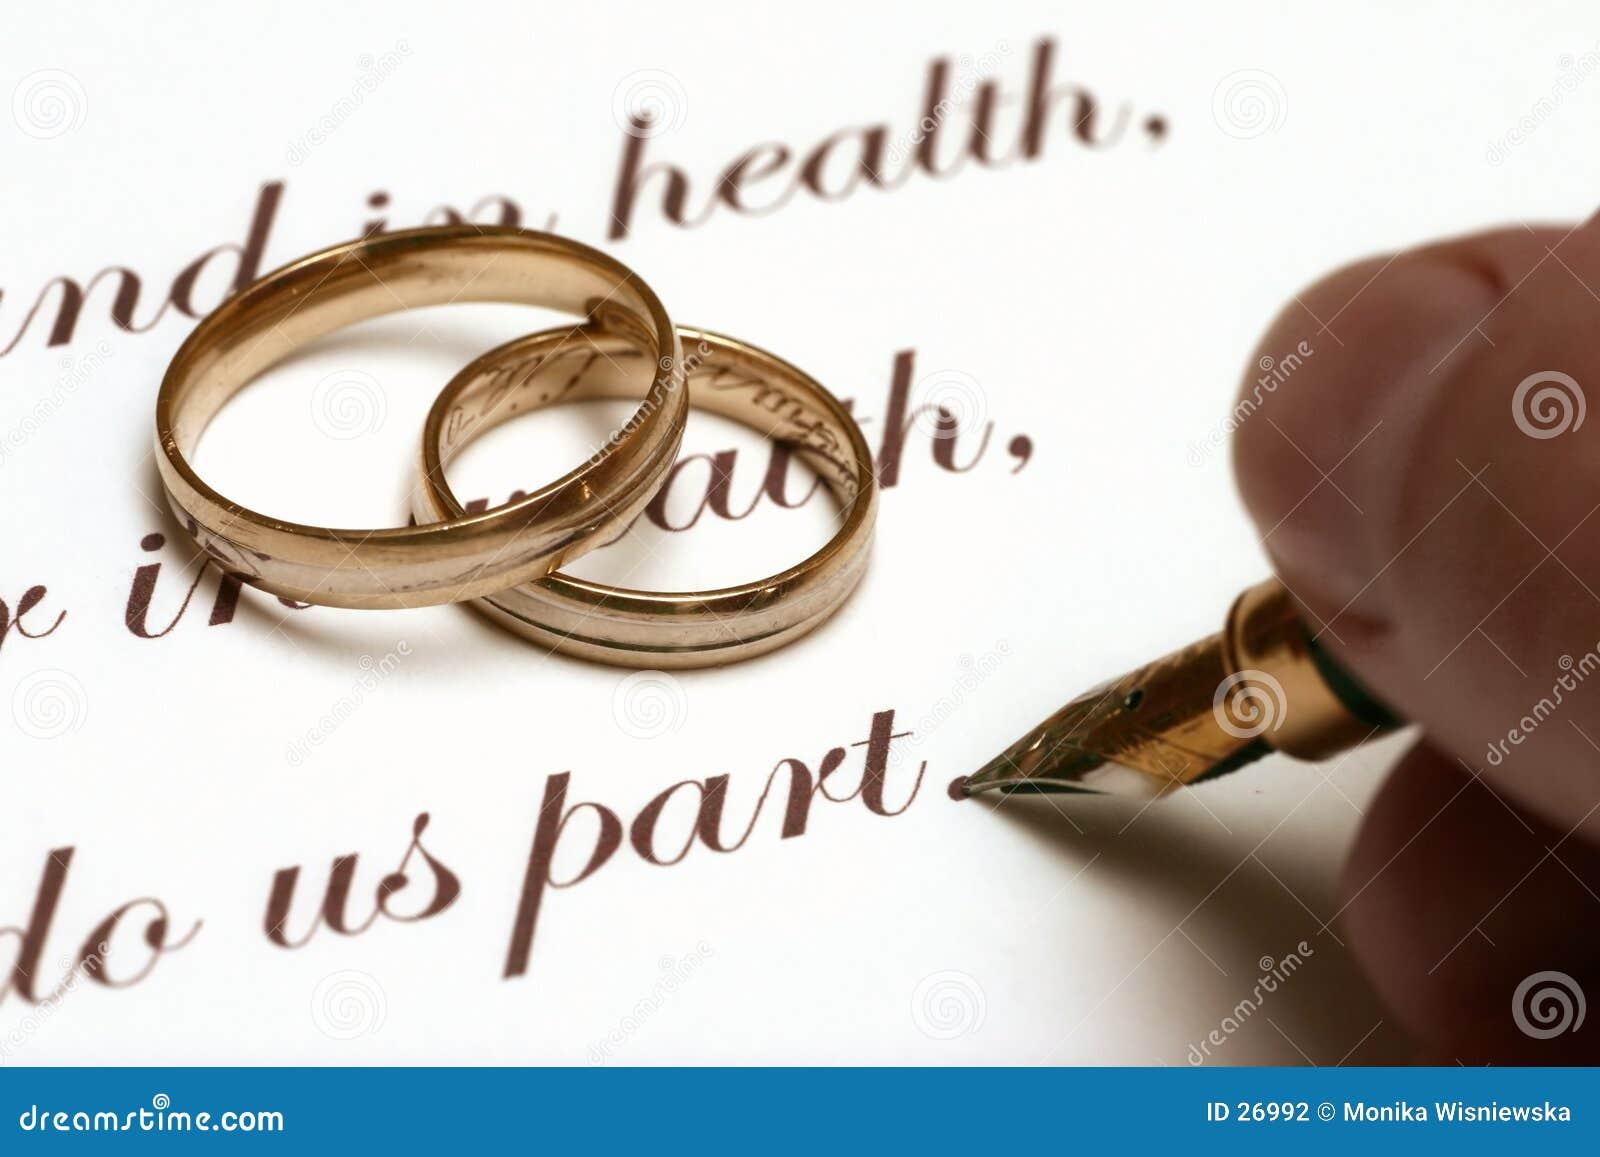 Download El Wedding - viejo estilo foto de archivo. Imagen de texto - 26992